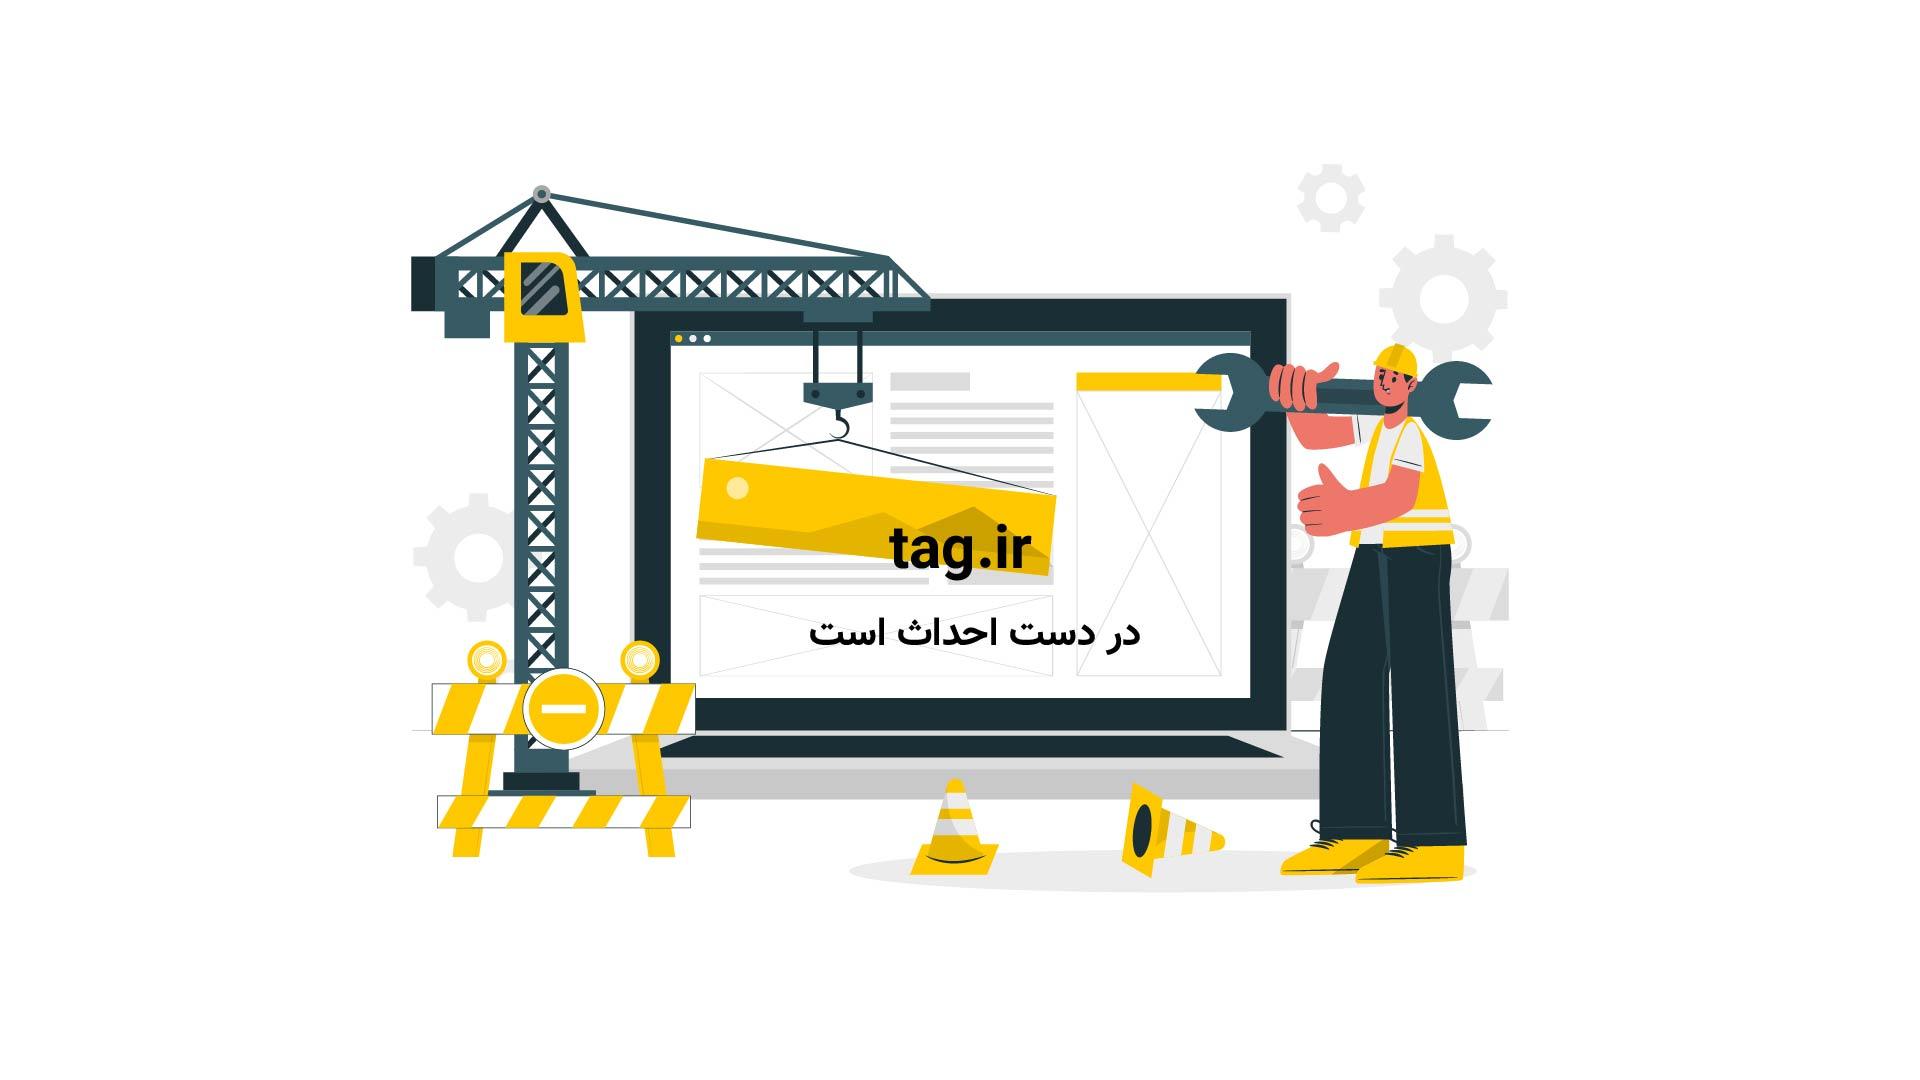 استندآپ کمدی مهران مدیری در رابطه با مدیریت بحران فرودگاهها در برف اخیر | فیلم